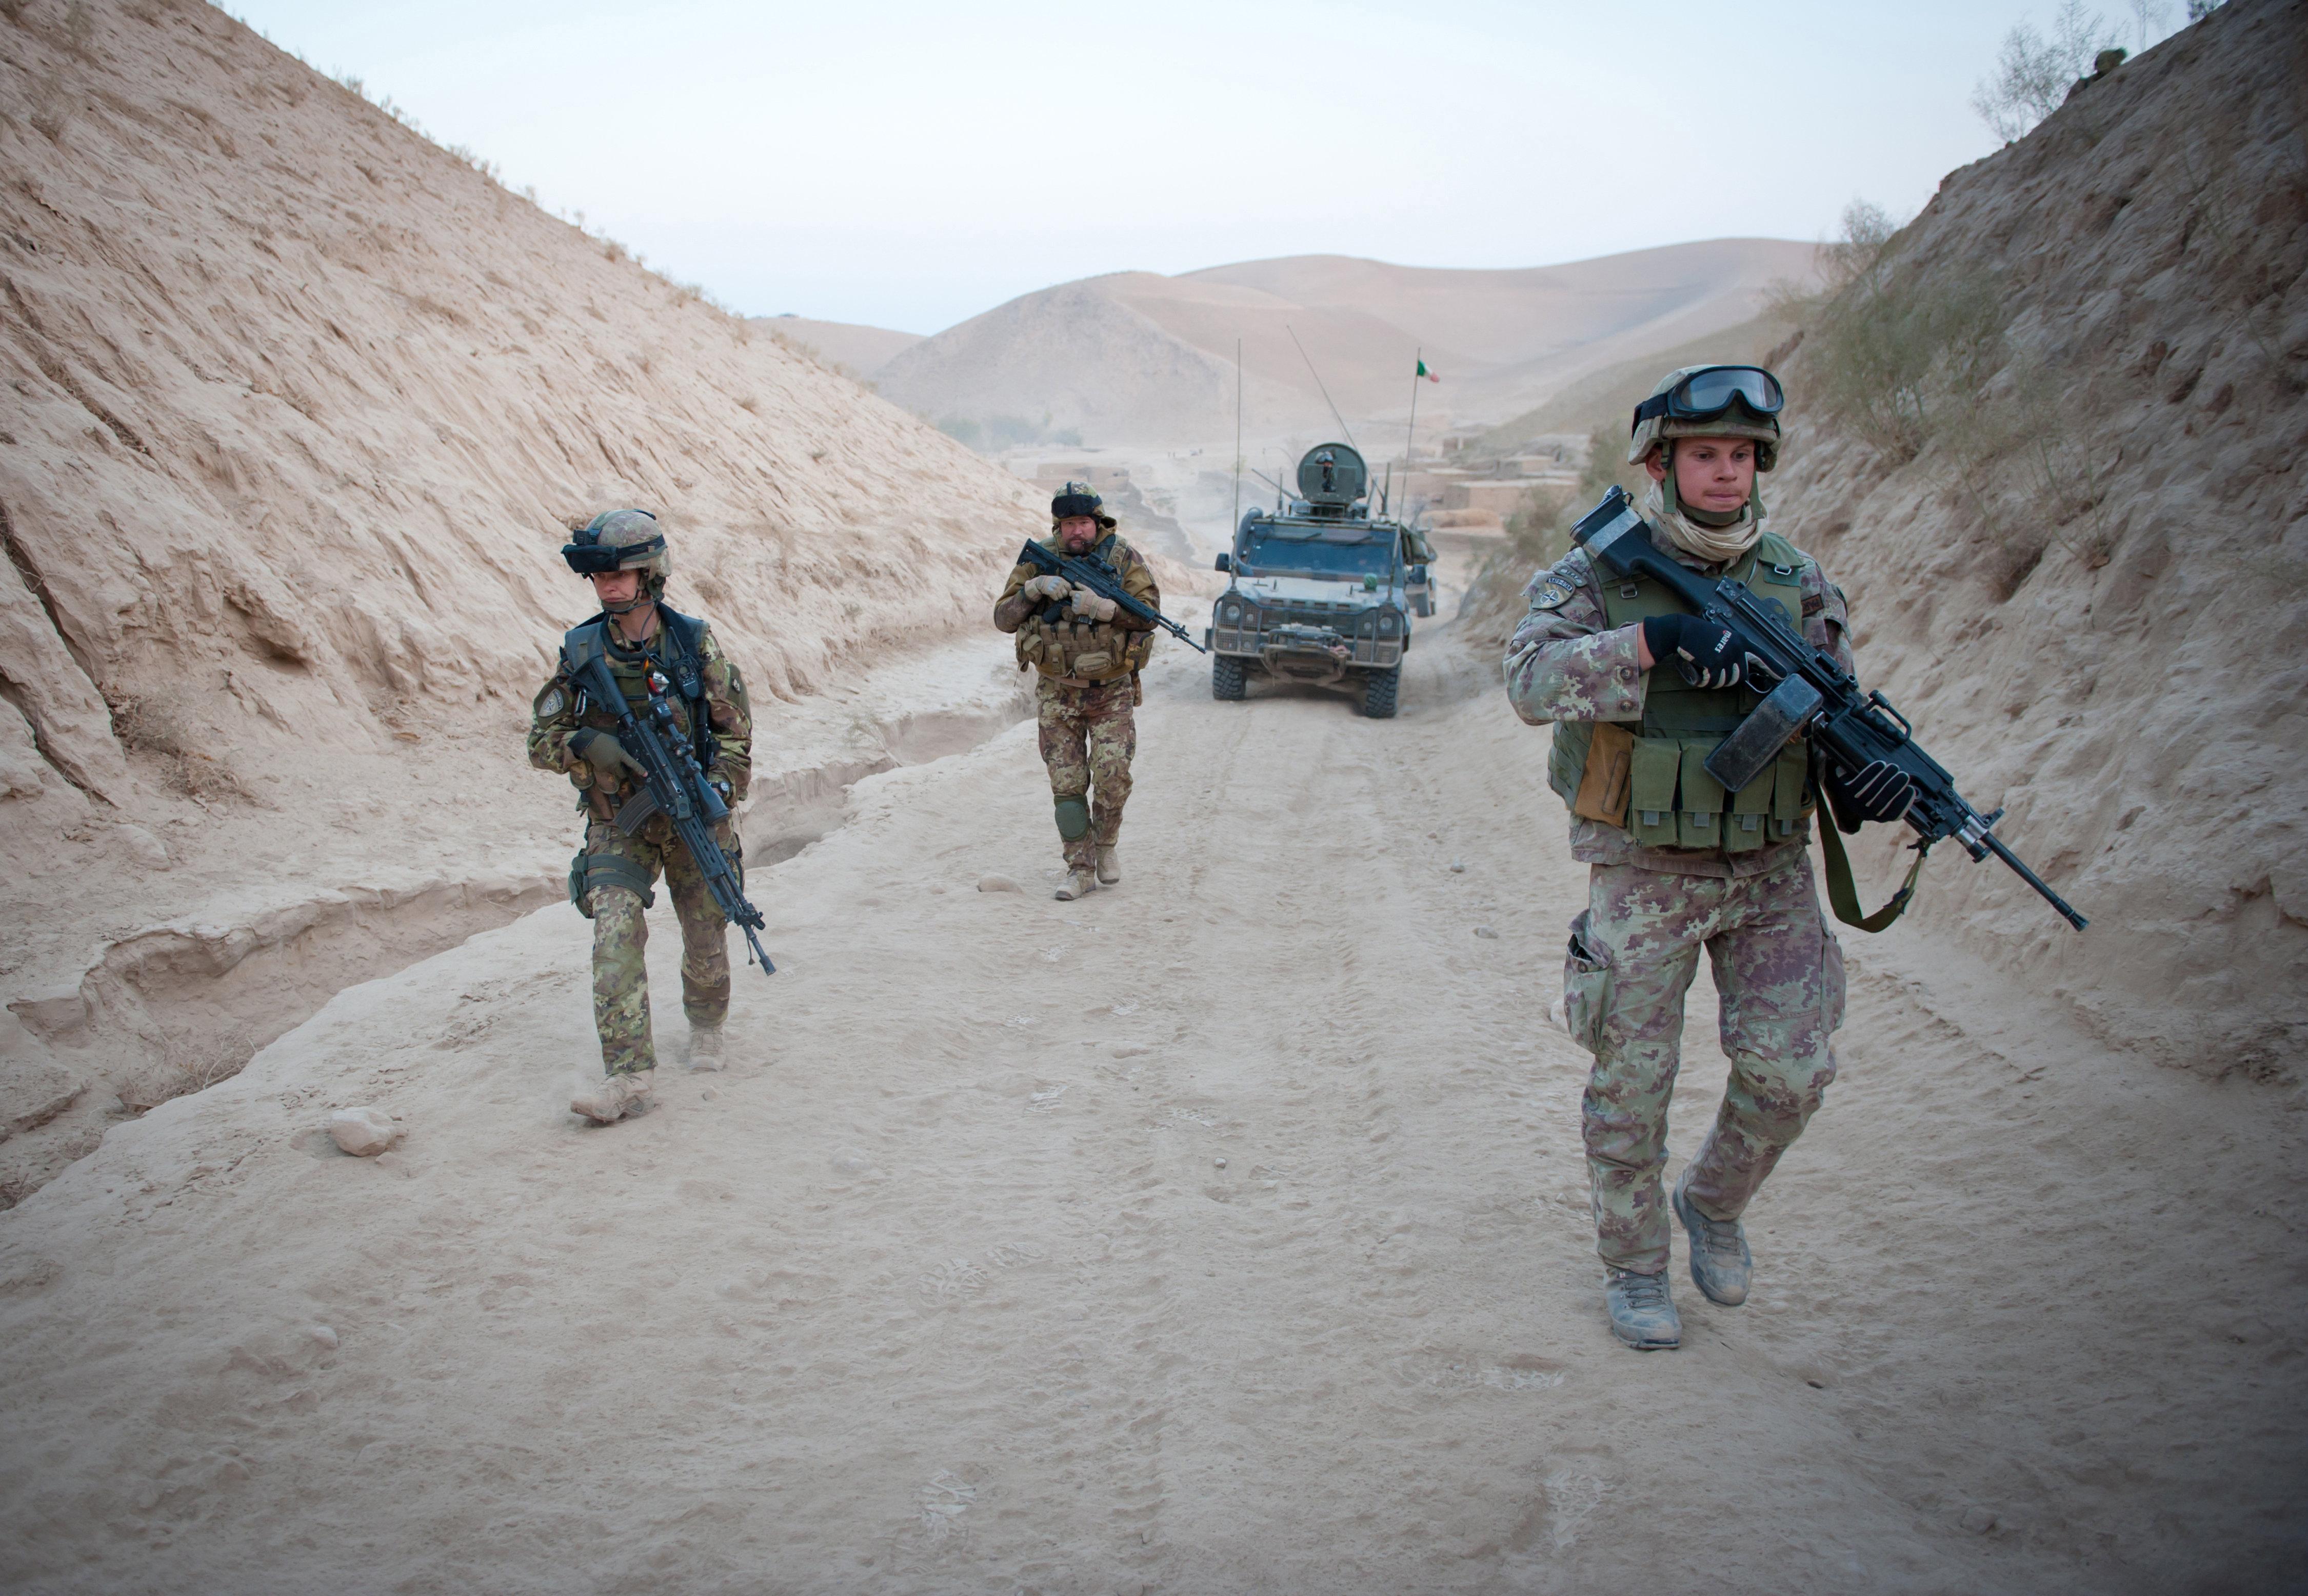 операция ISAF, НАТО, Афганистан